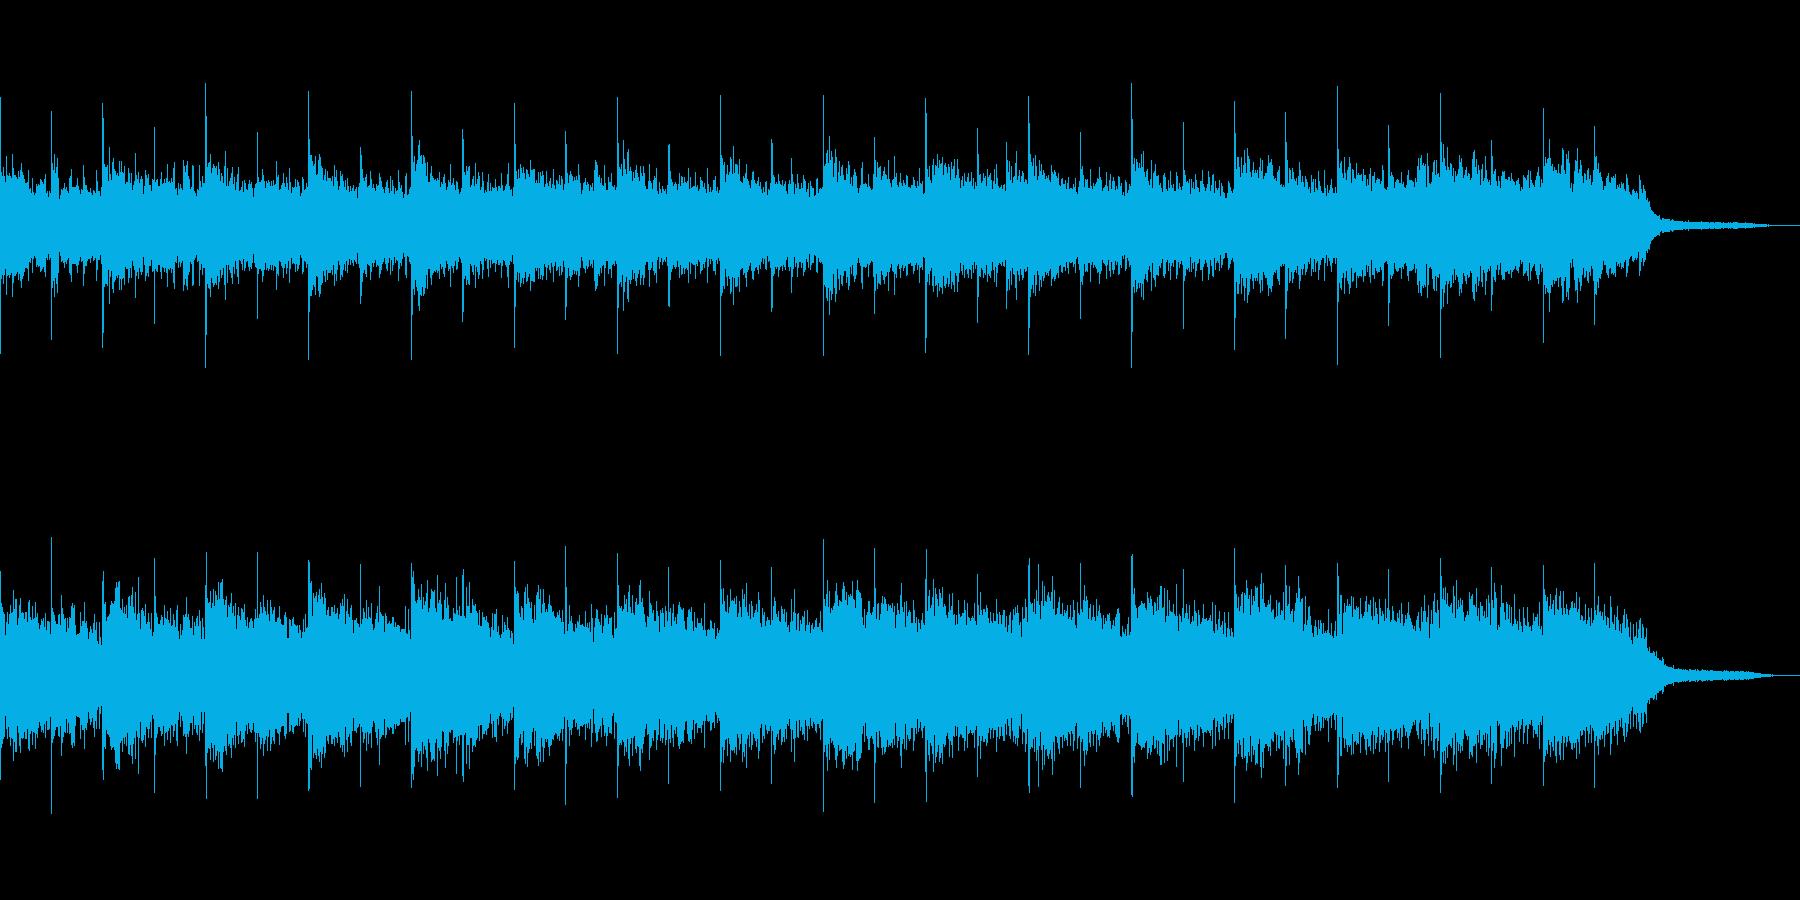 かぐや姫 平安時代 和風の音楽の再生済みの波形